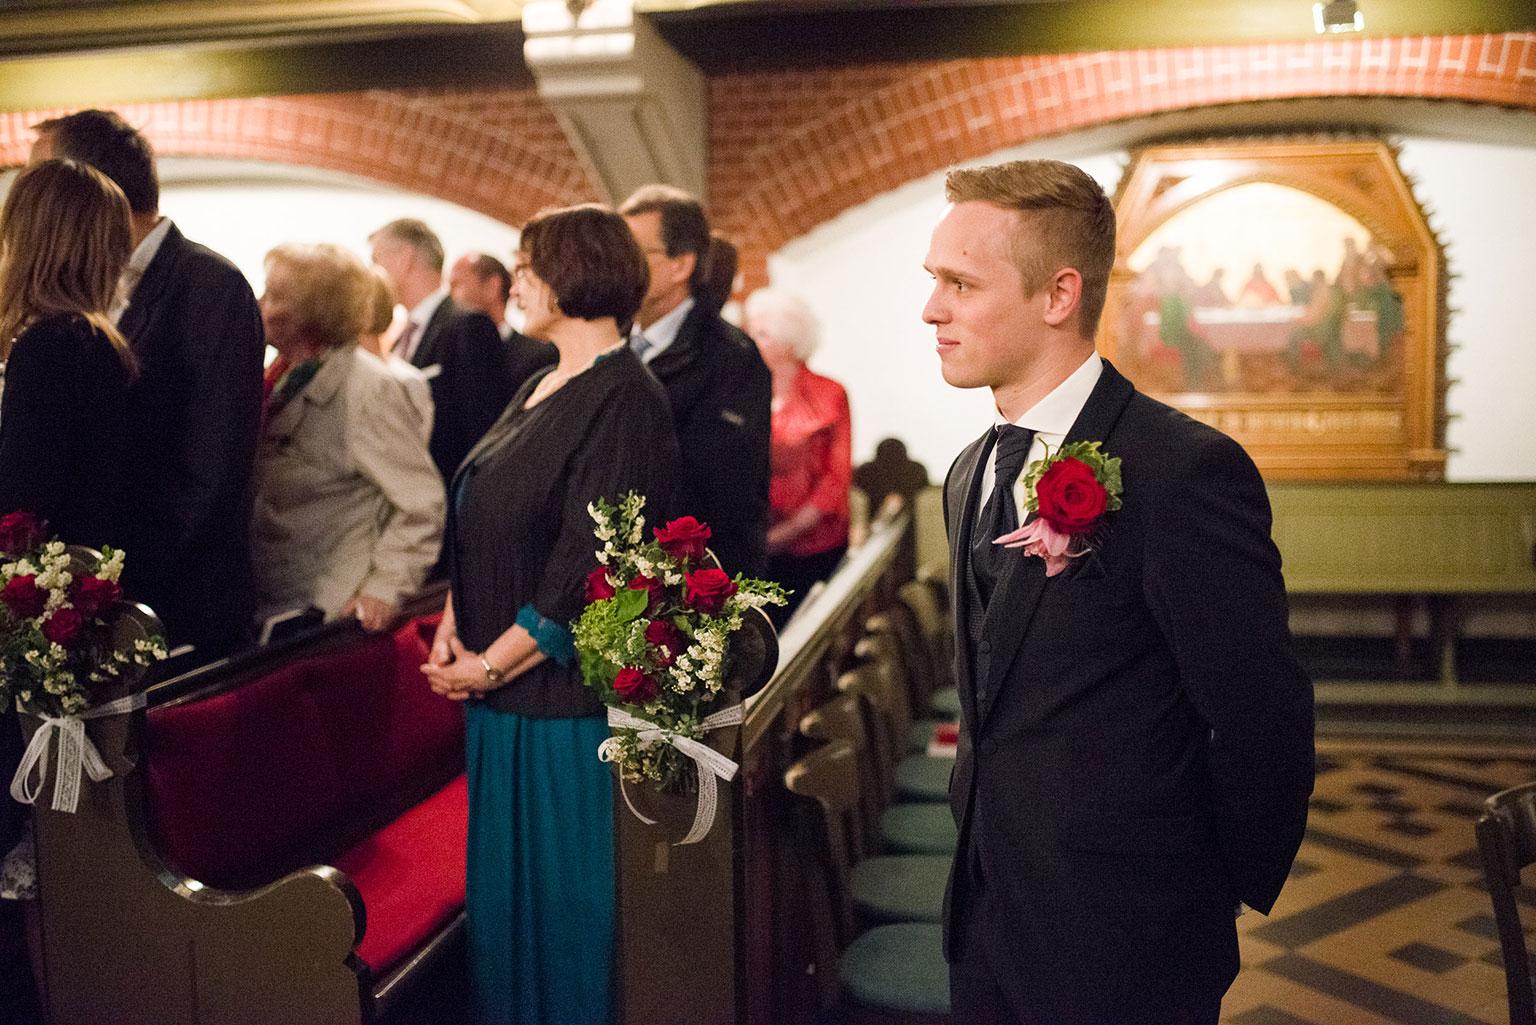 Hochzeitsfotos in der Wein- und Friesenstube